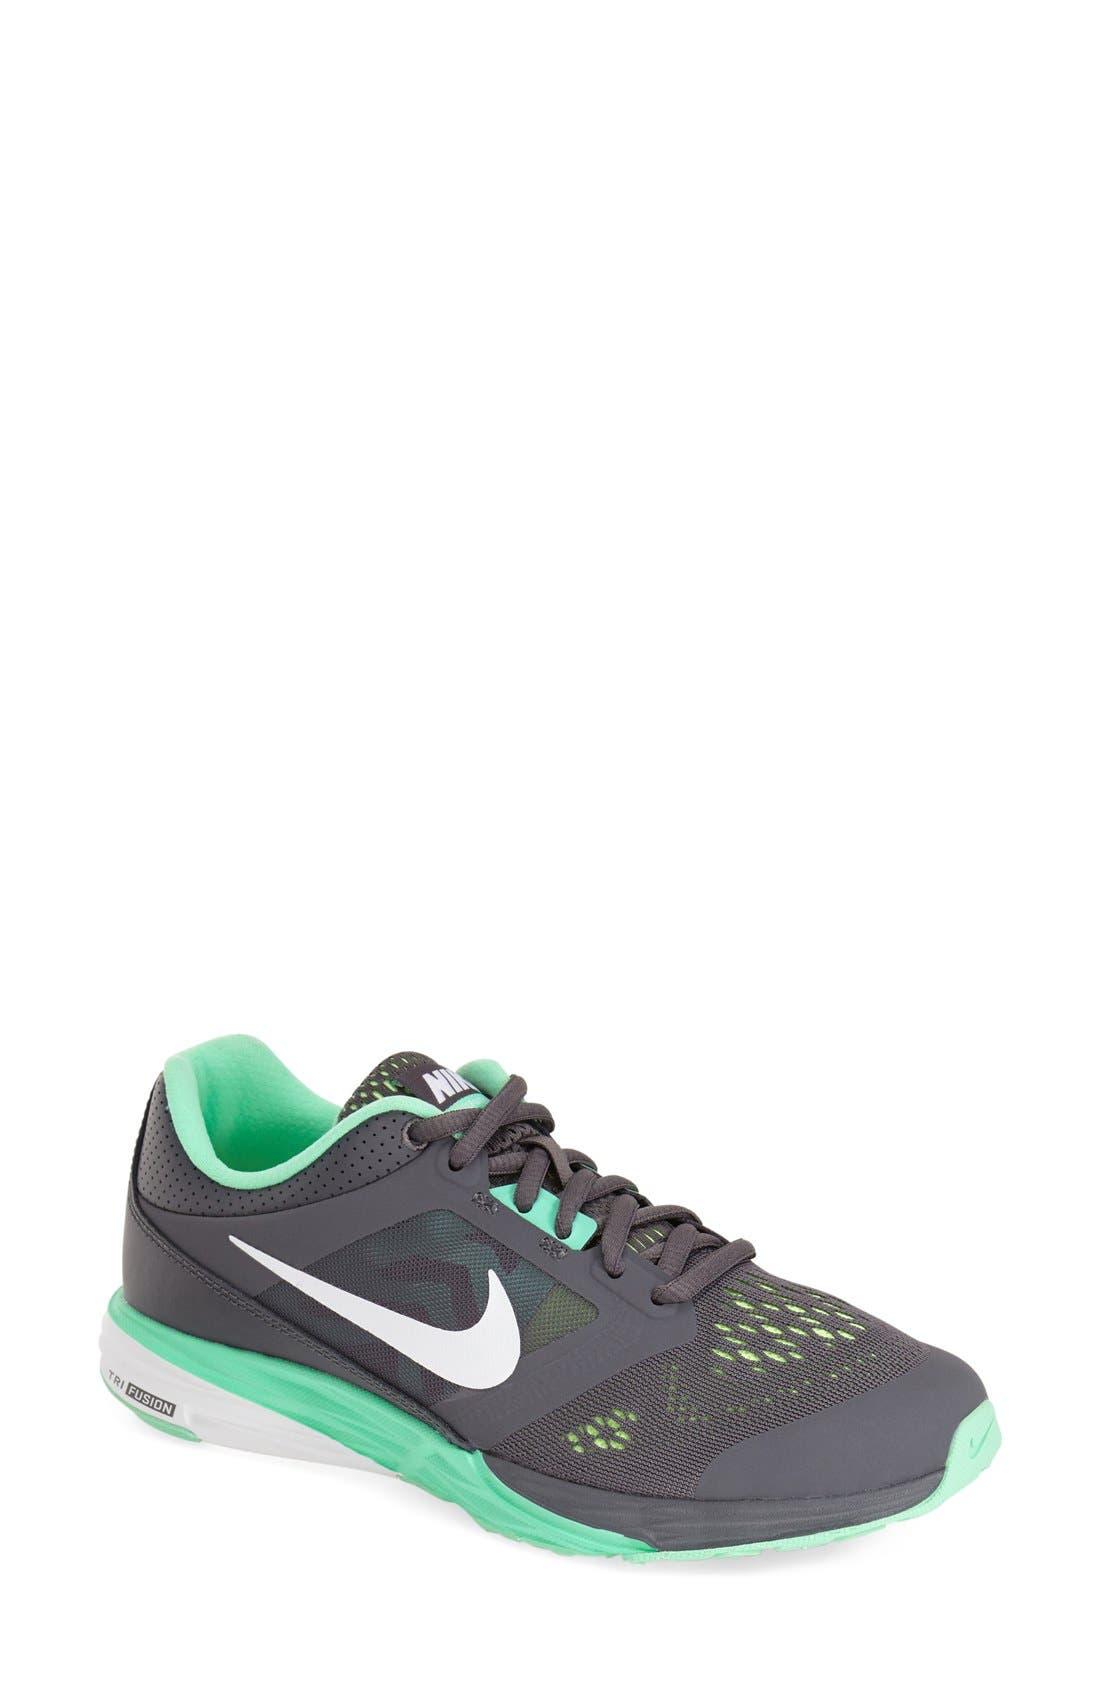 Main Image - Nike 'TriFusion' Running Shoe (Women)